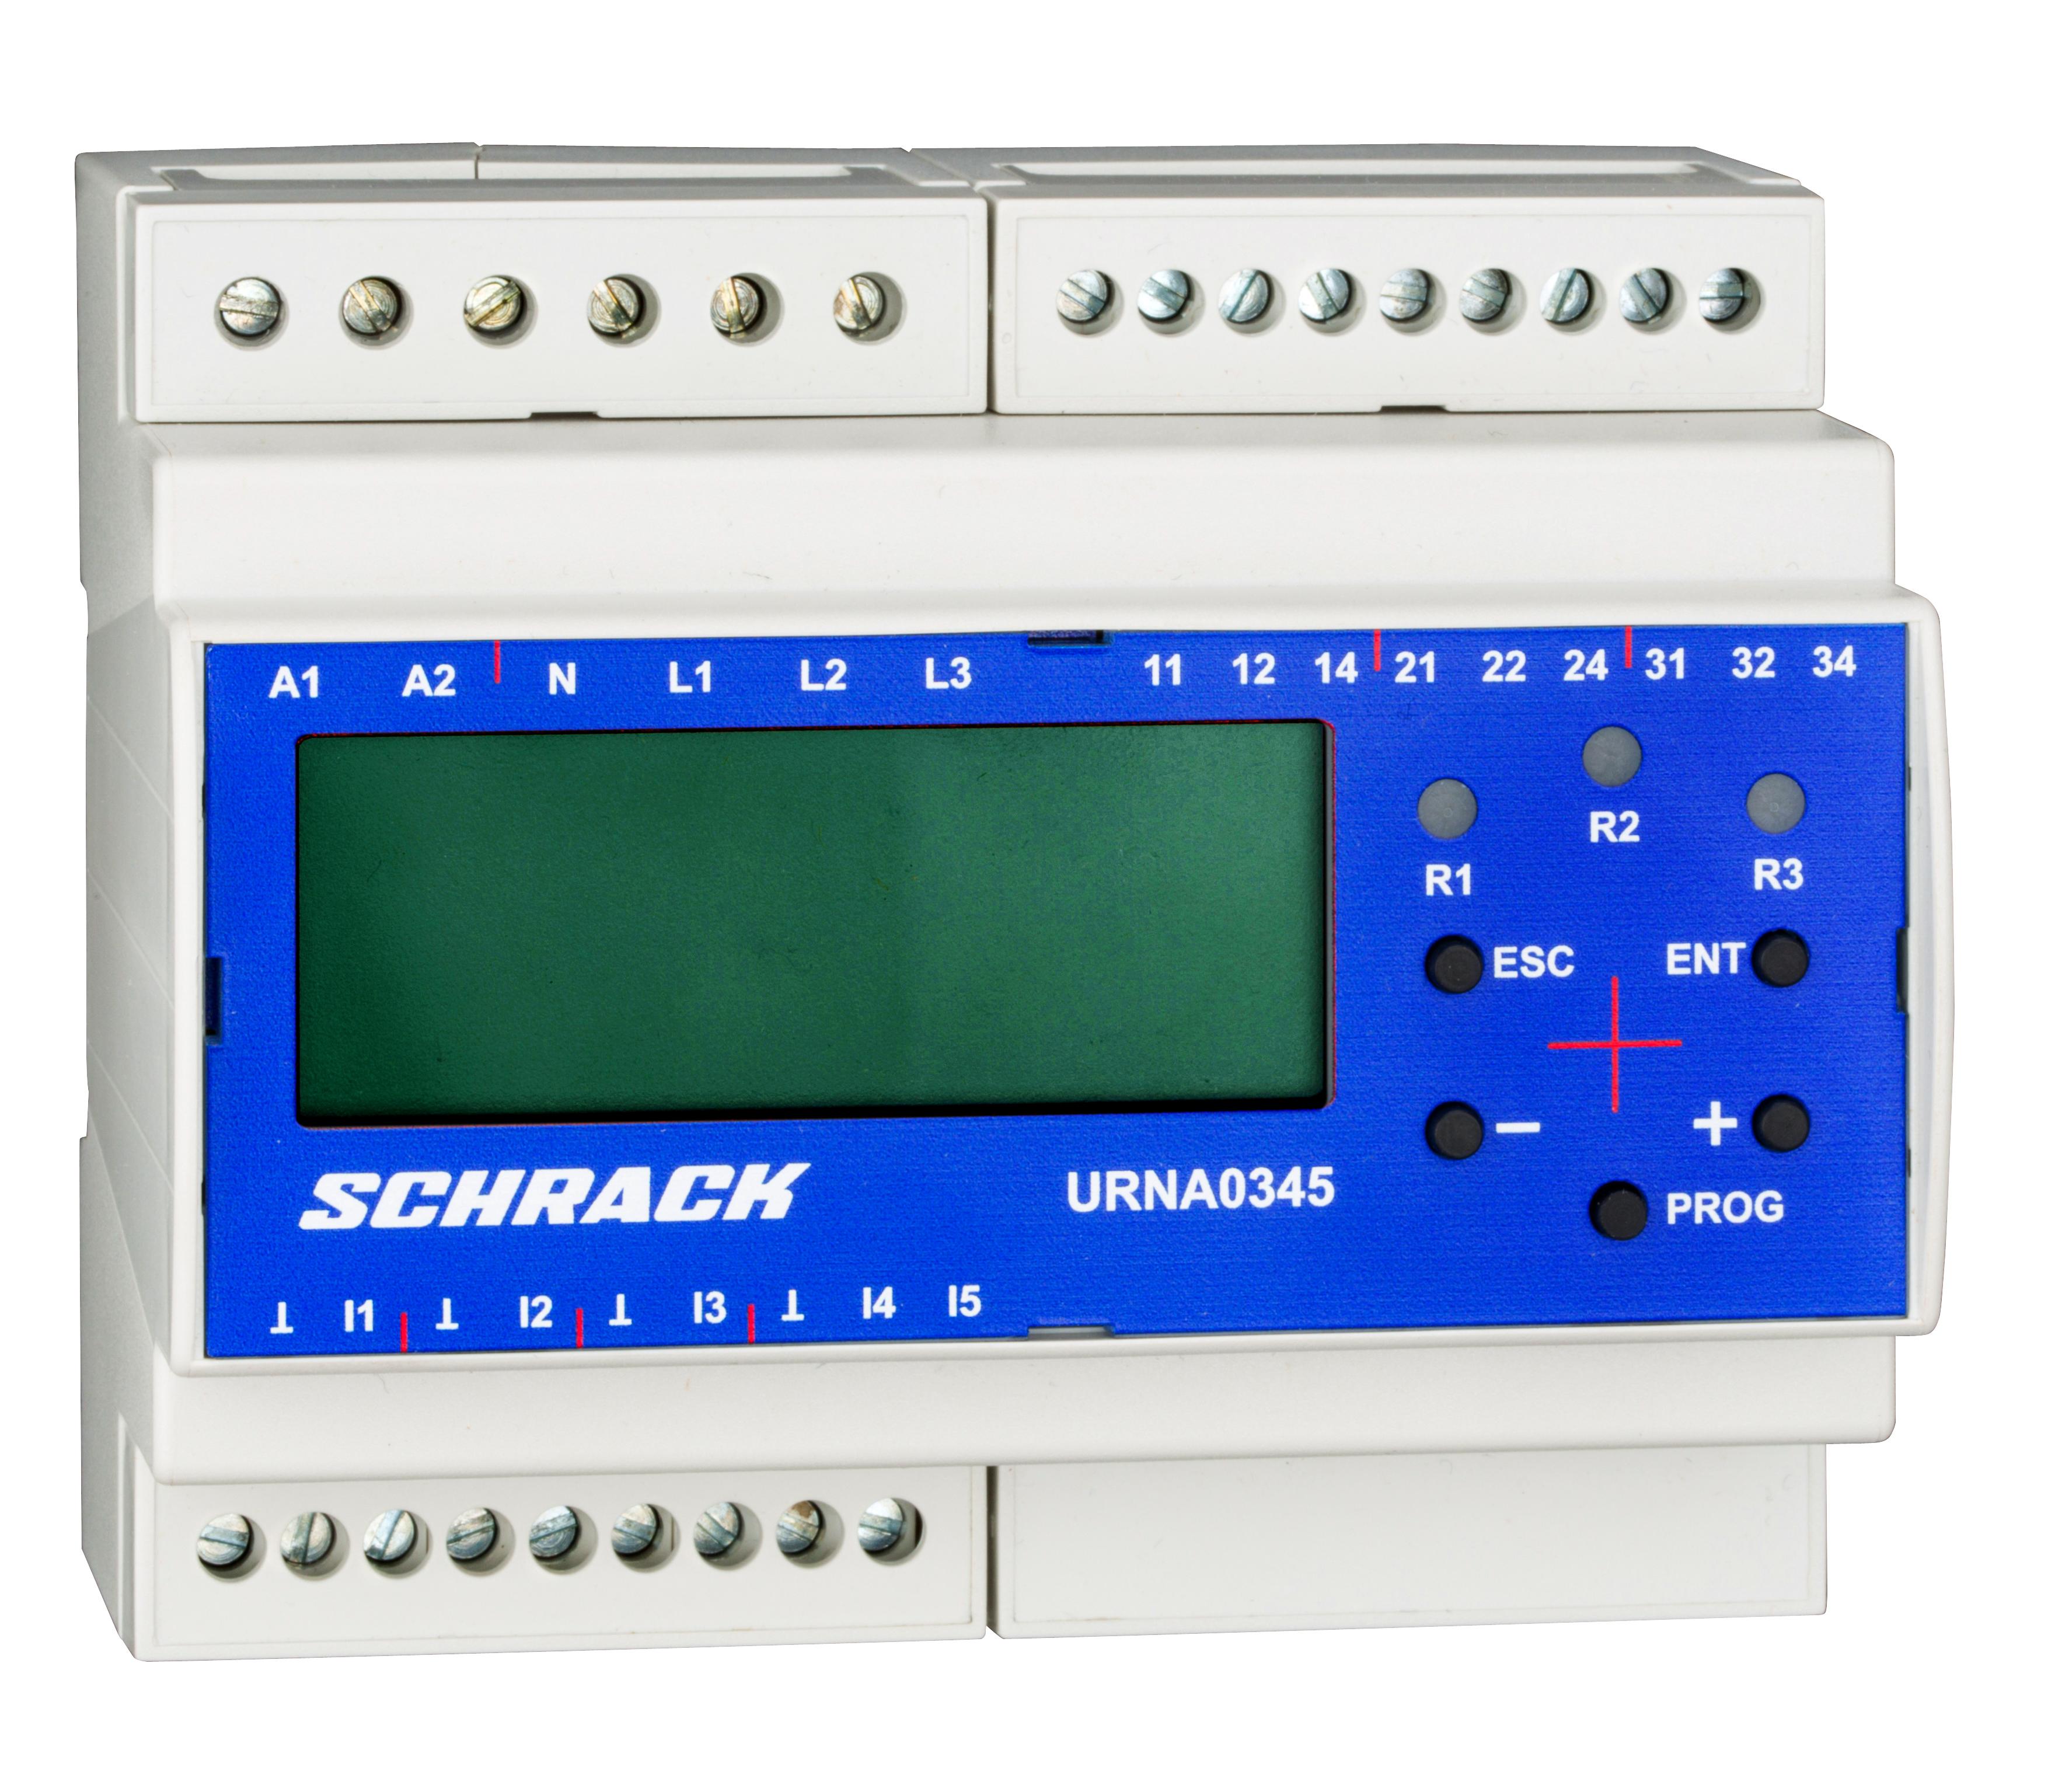 1 Stk Netz- und Anlagenschutz (NA-Schutz) für Anlagen universal URNA0345--